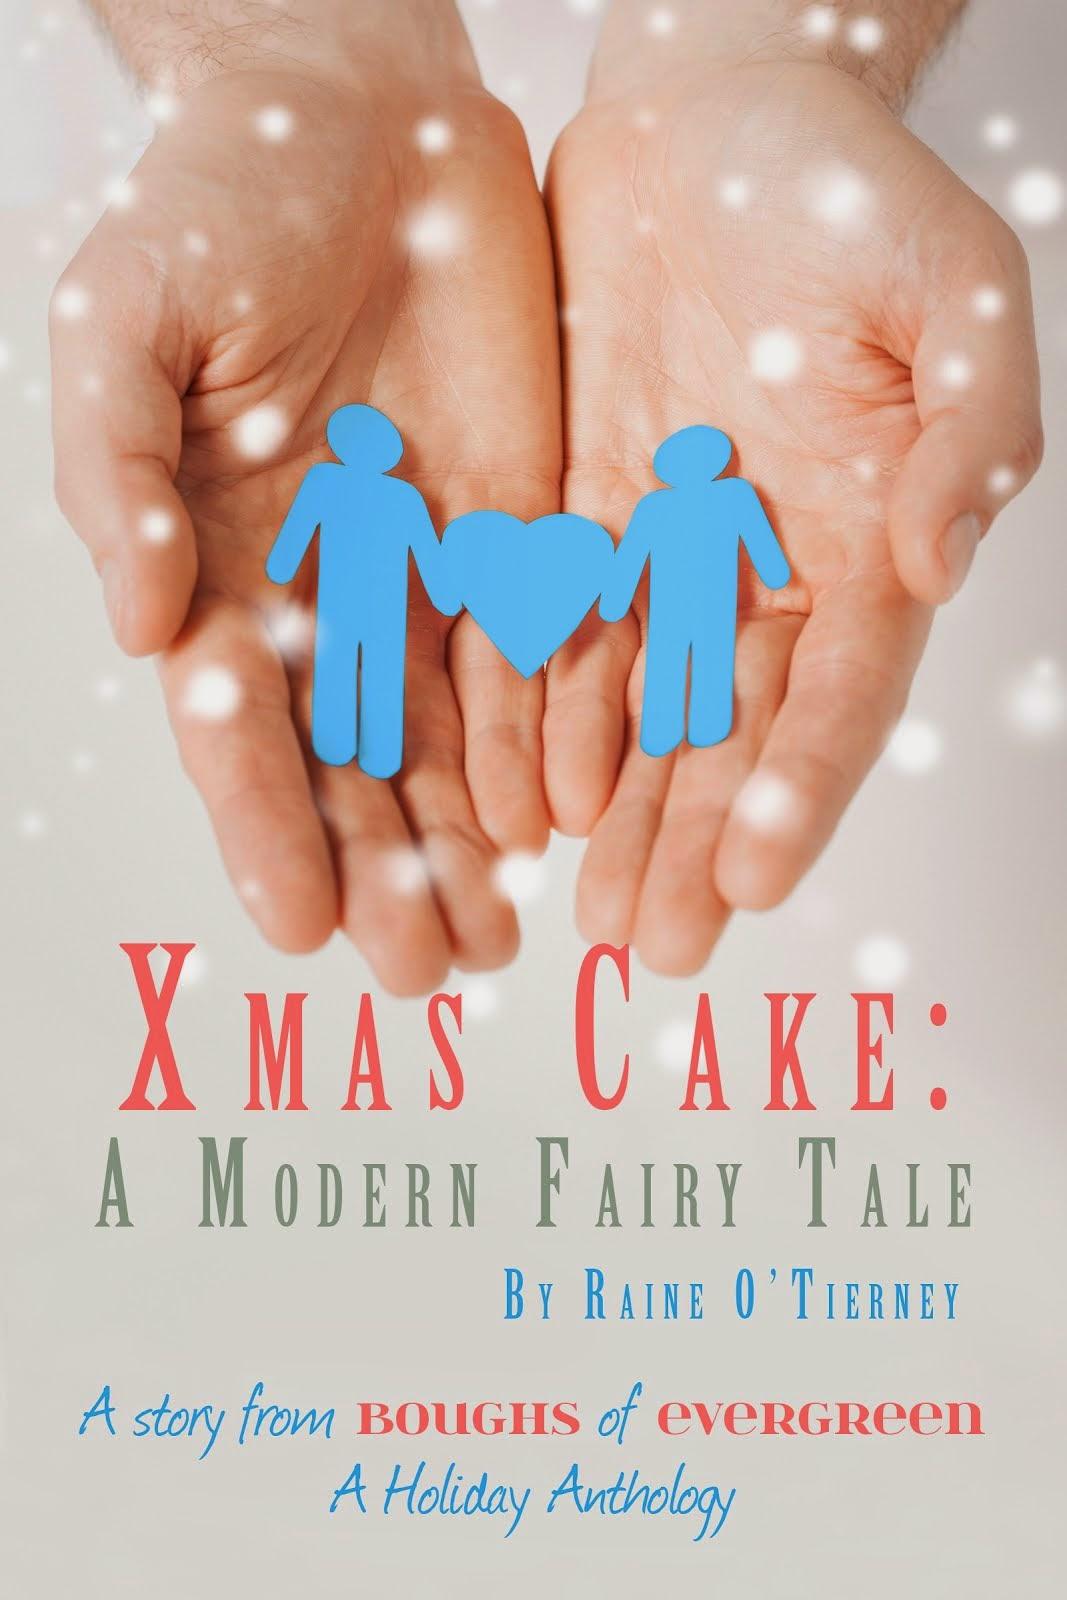 Xmas Cake: A Modern Fairy Tale